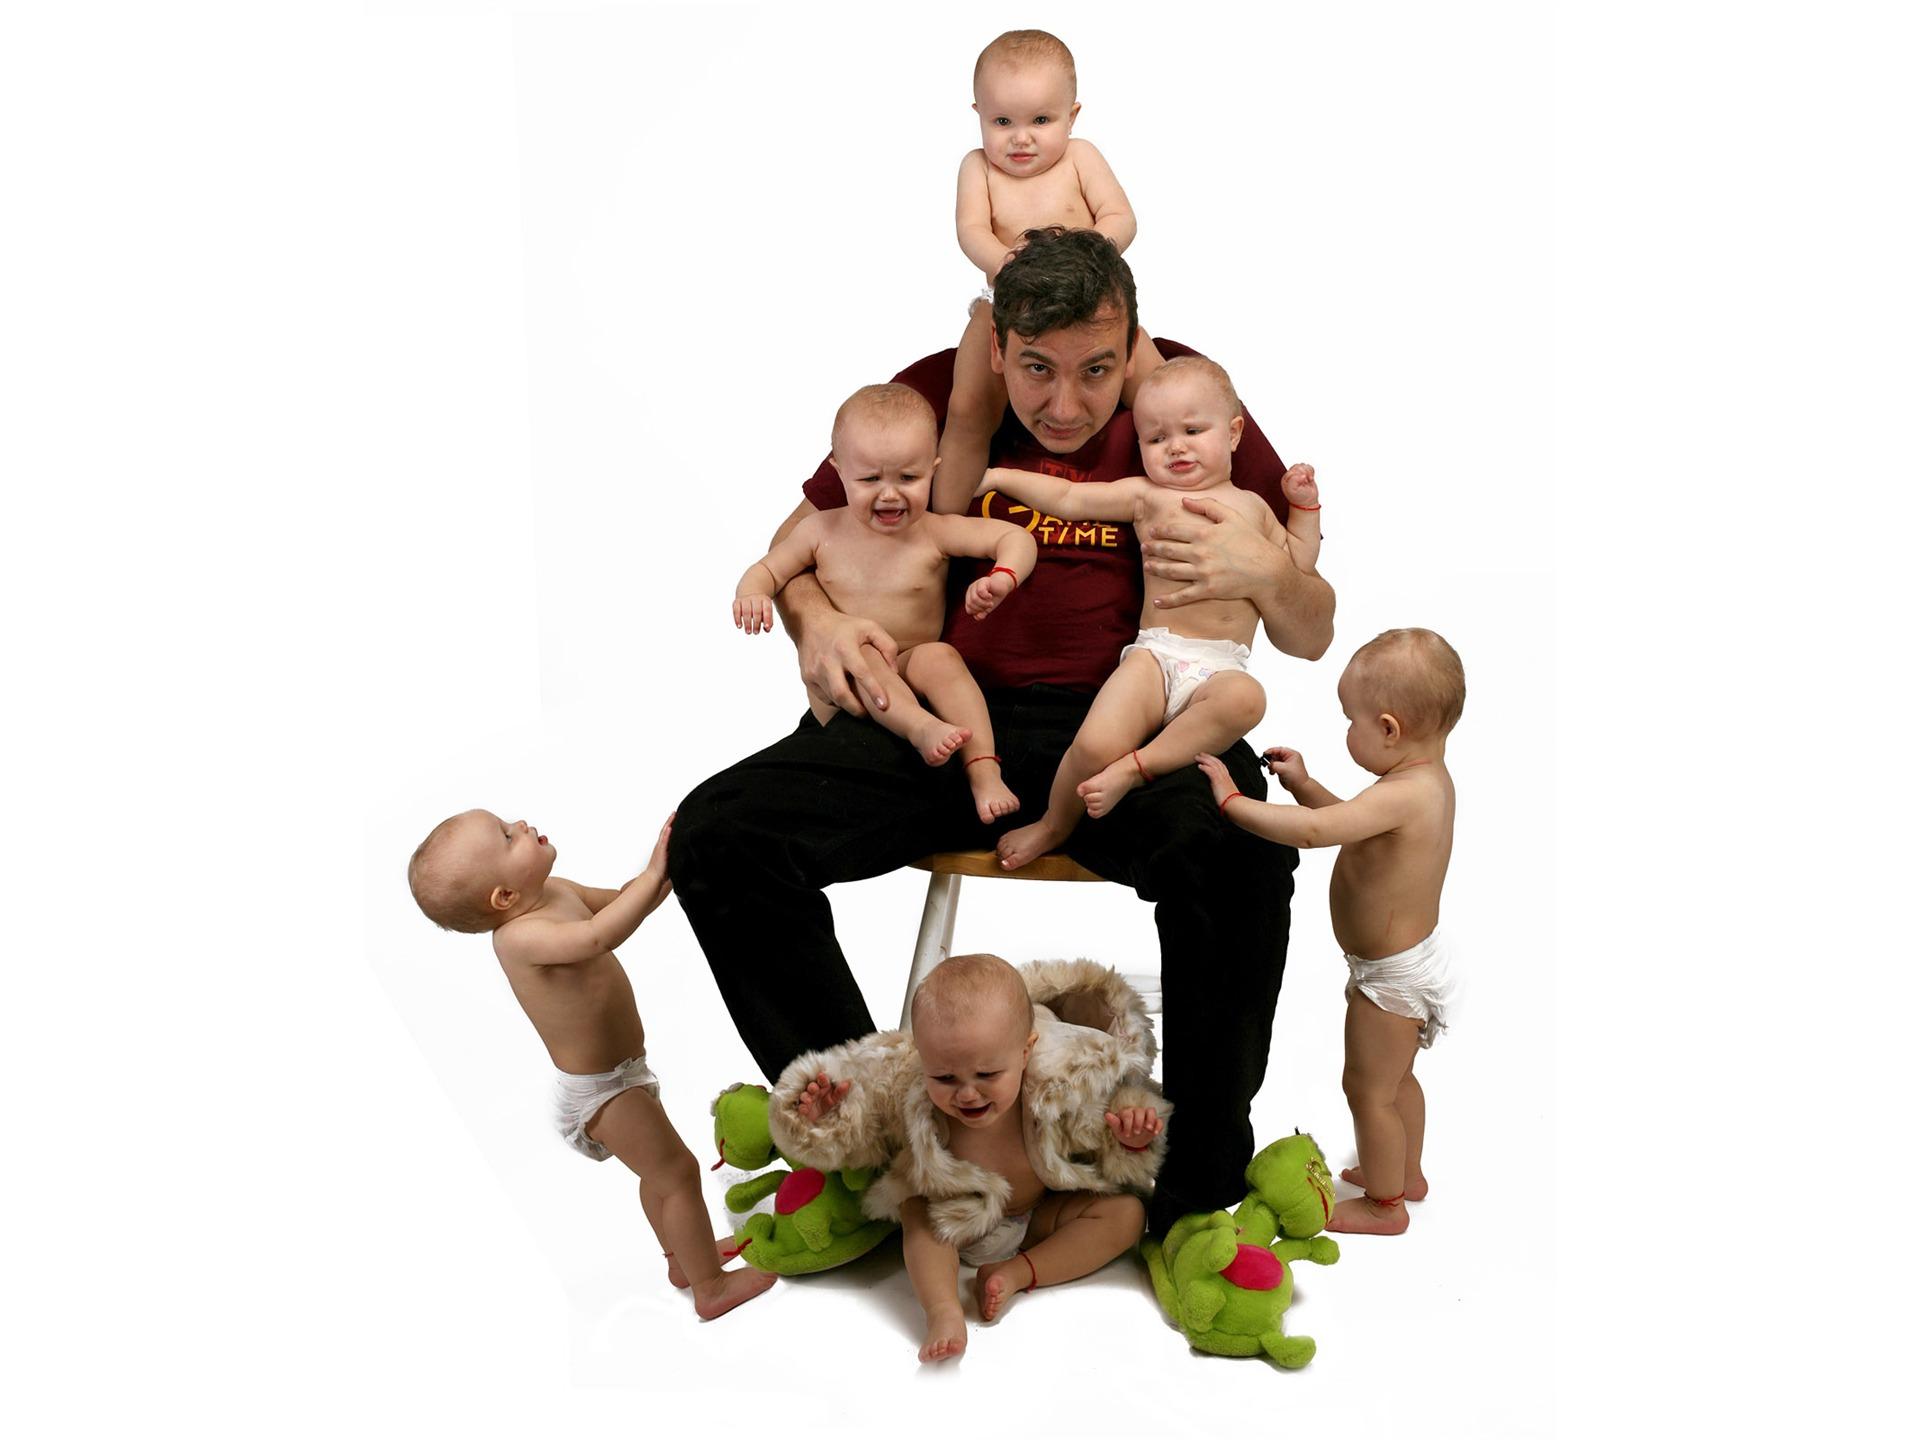 Фото папа и куча детей